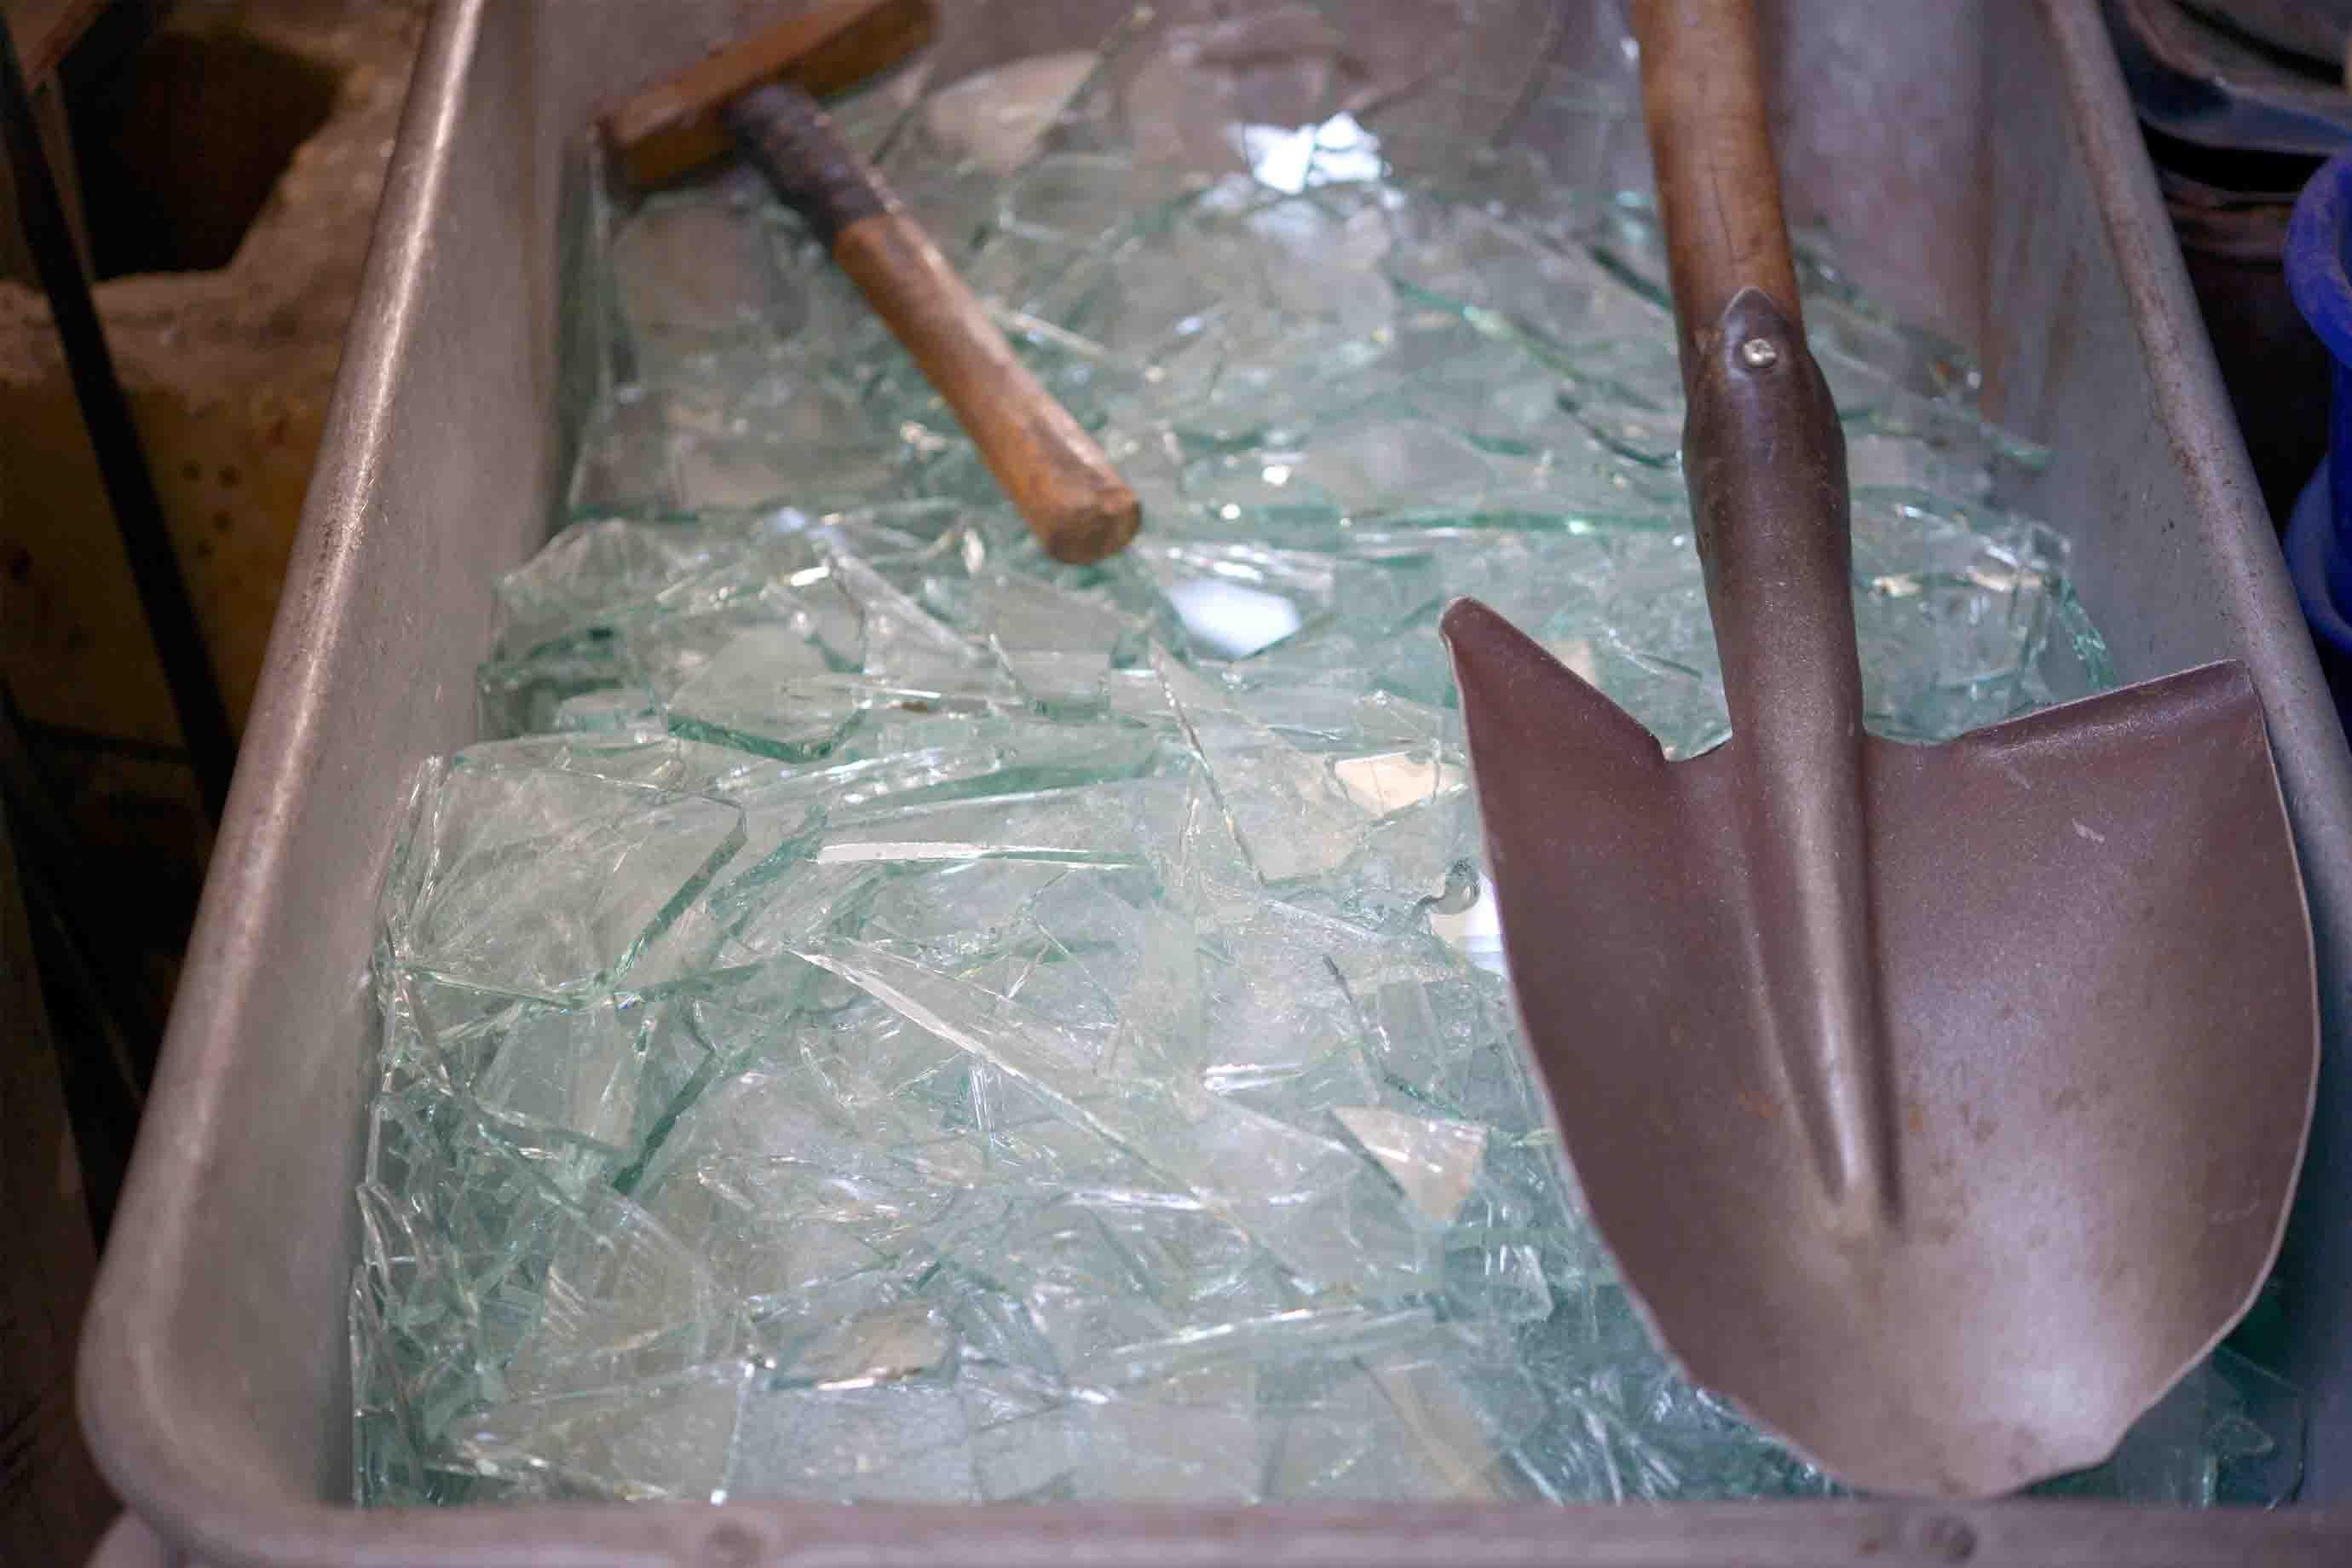 溶かす前のガラス片